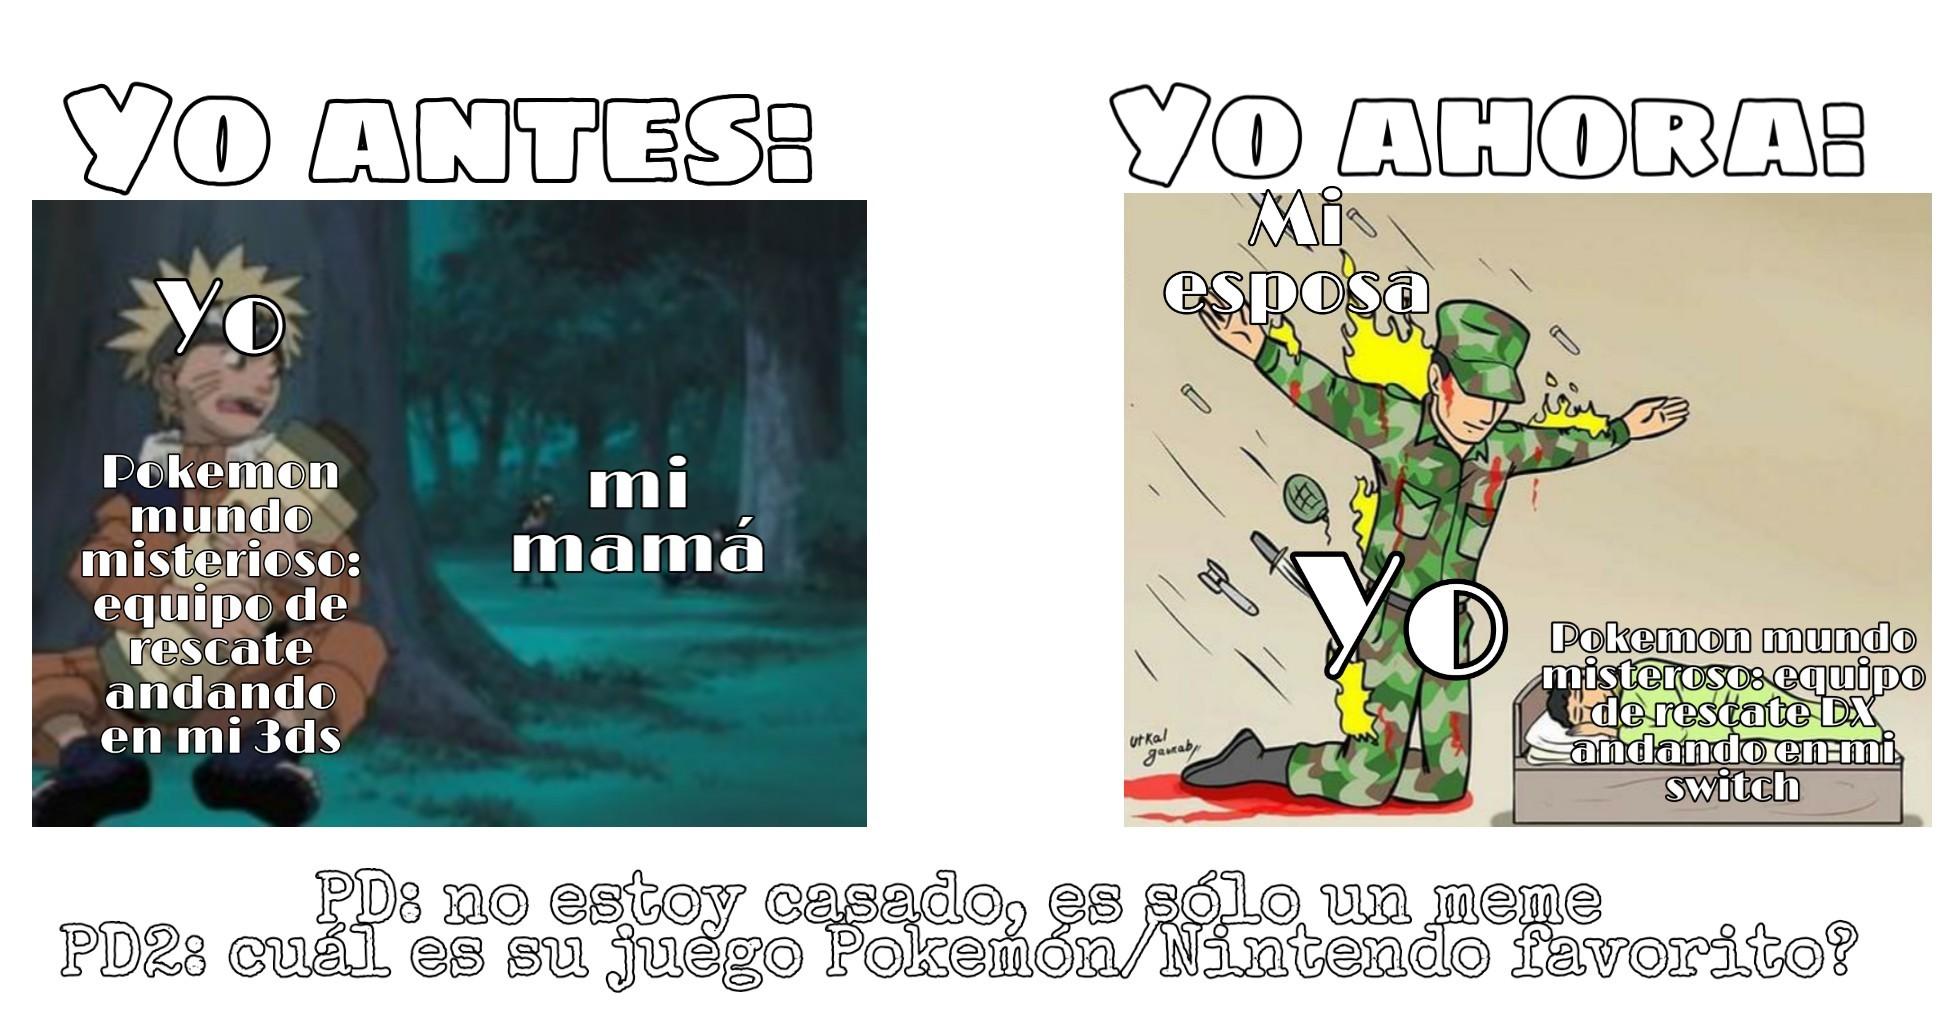 Me inspiré por una canción sobre pokemon mundo misterioso :) - meme